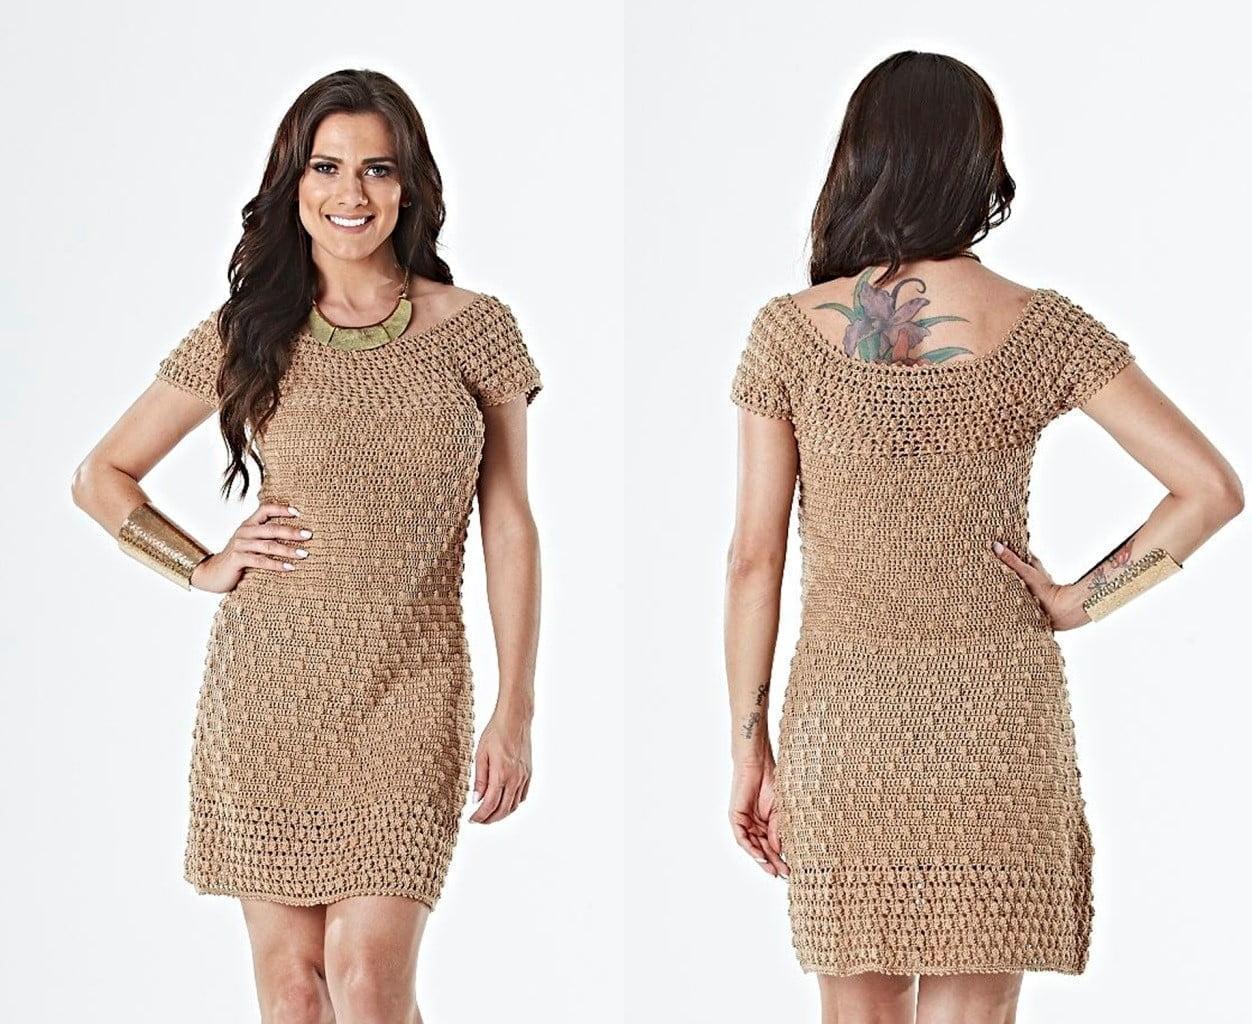 Tutorial on Crochet Elegant Dress